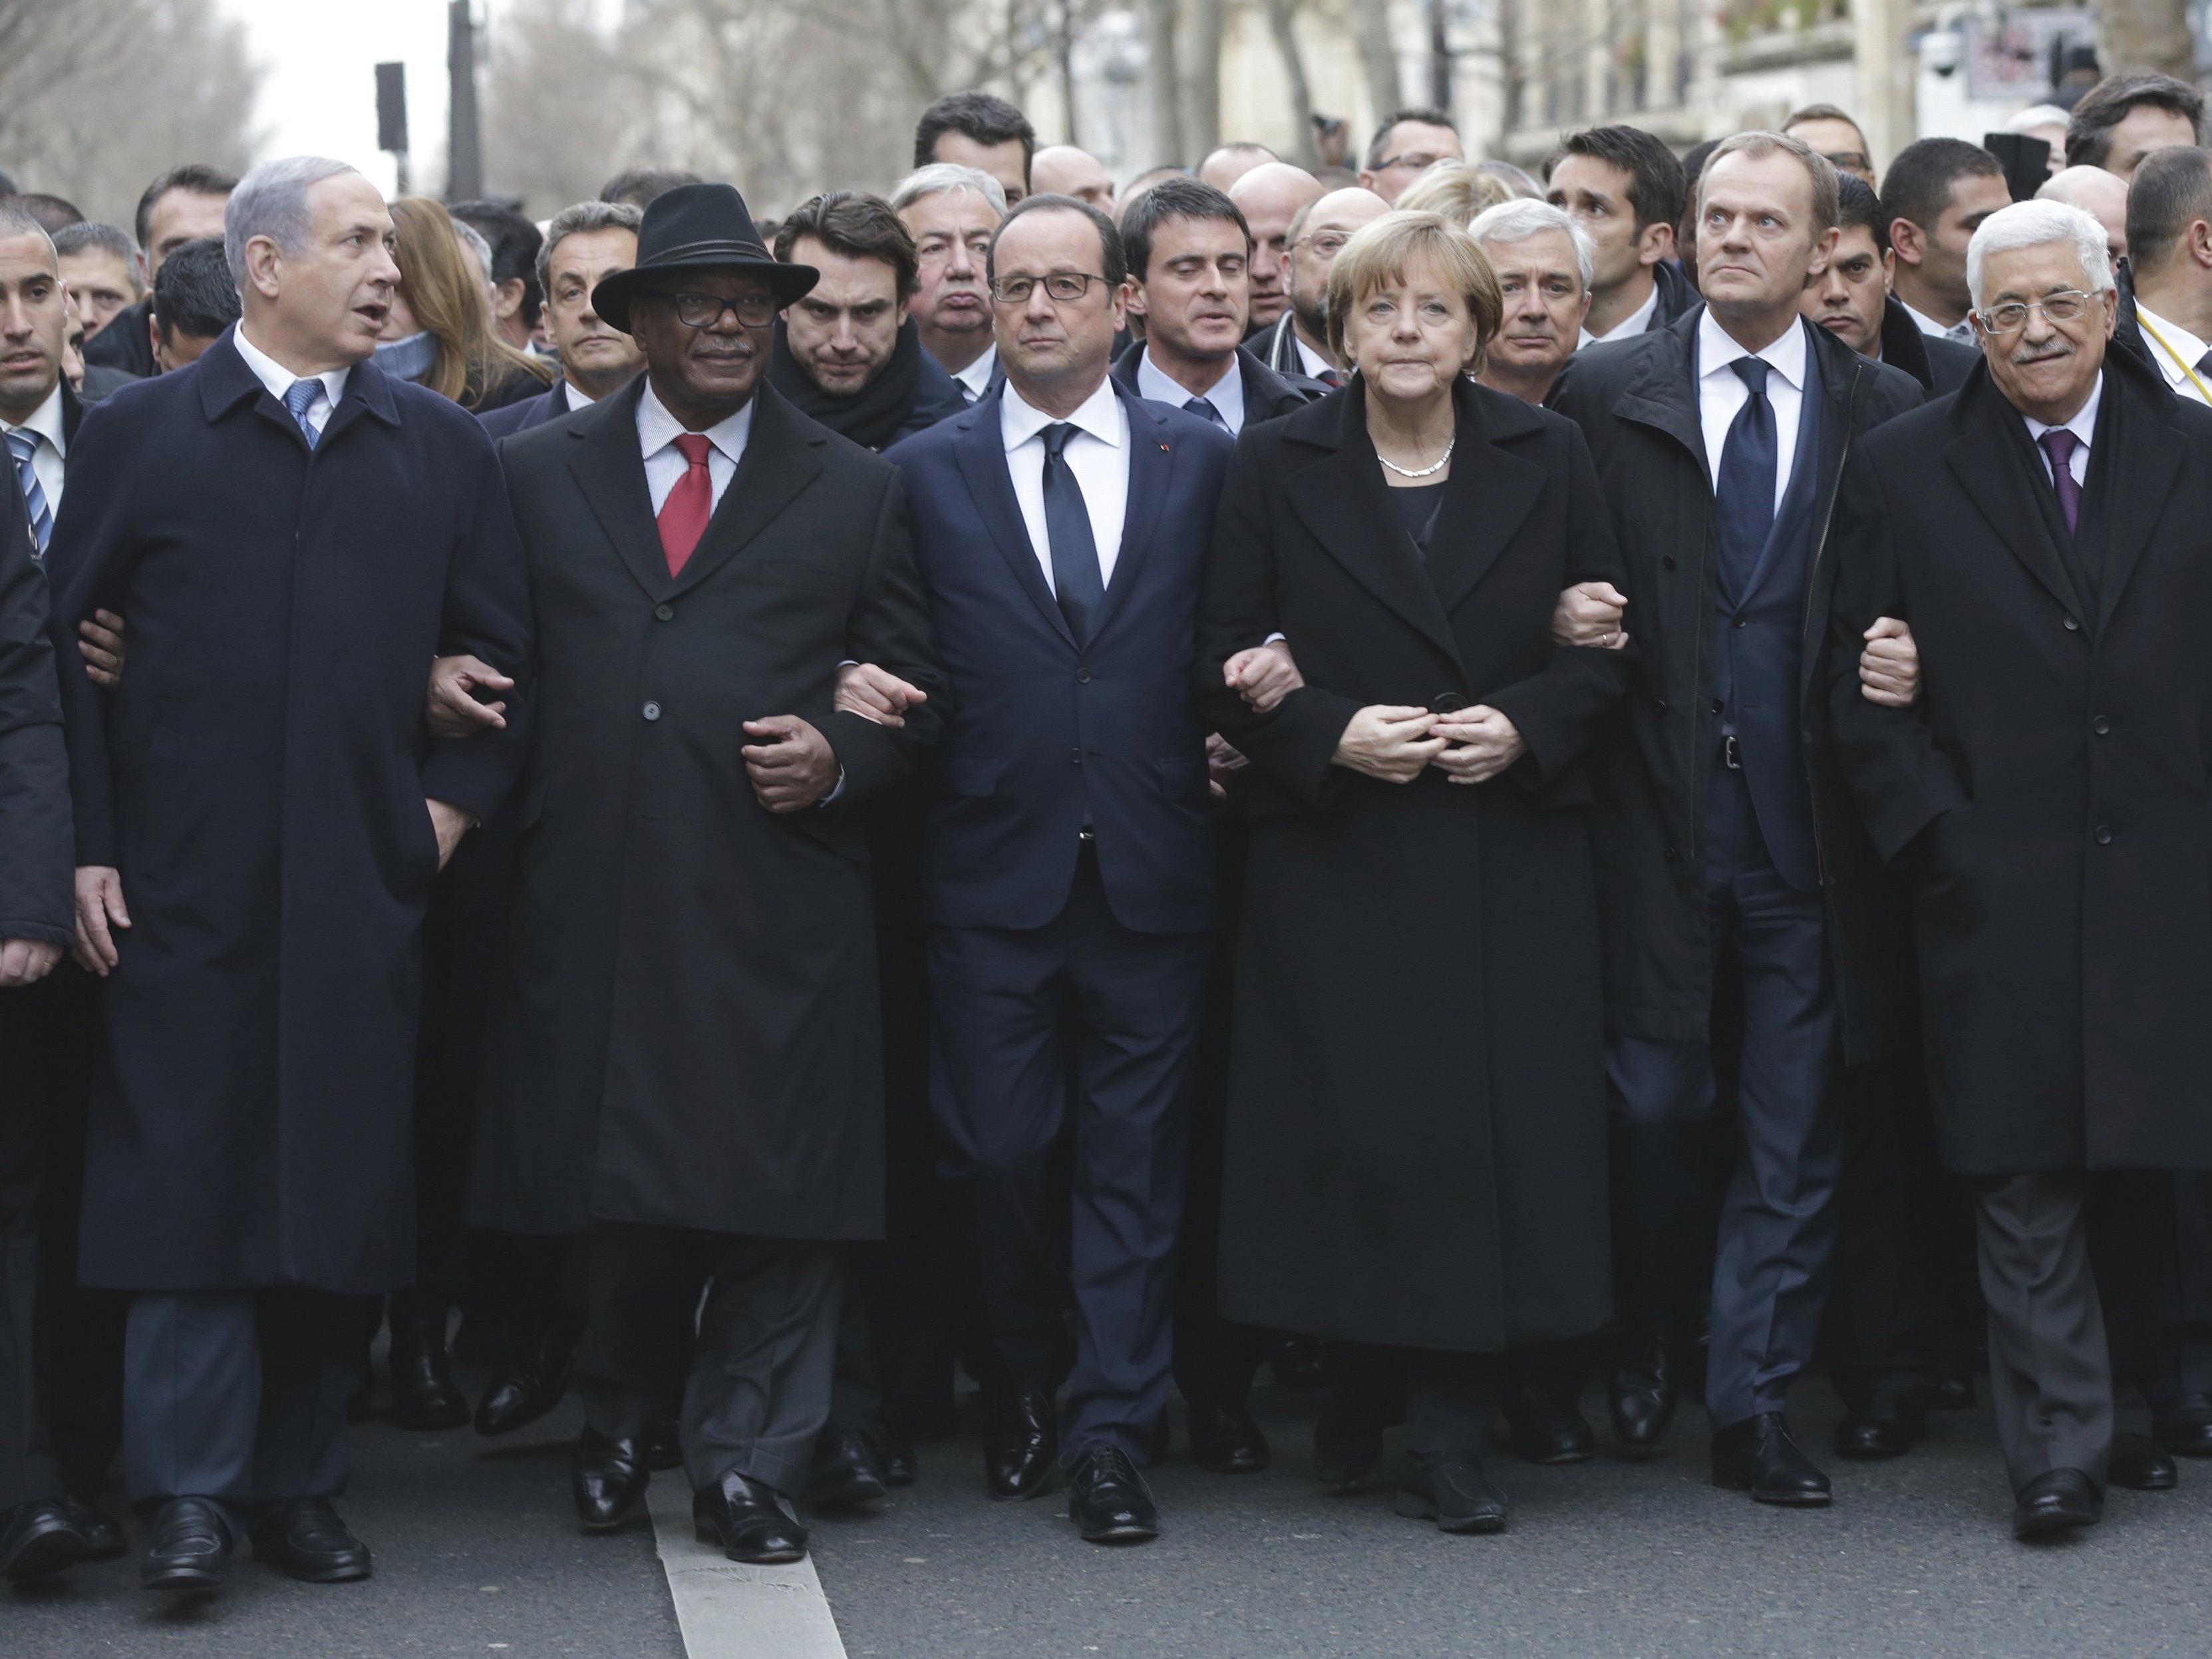 Nicolas Sarkozy in Reihe 2 zu Beginn des Trauermarschs.